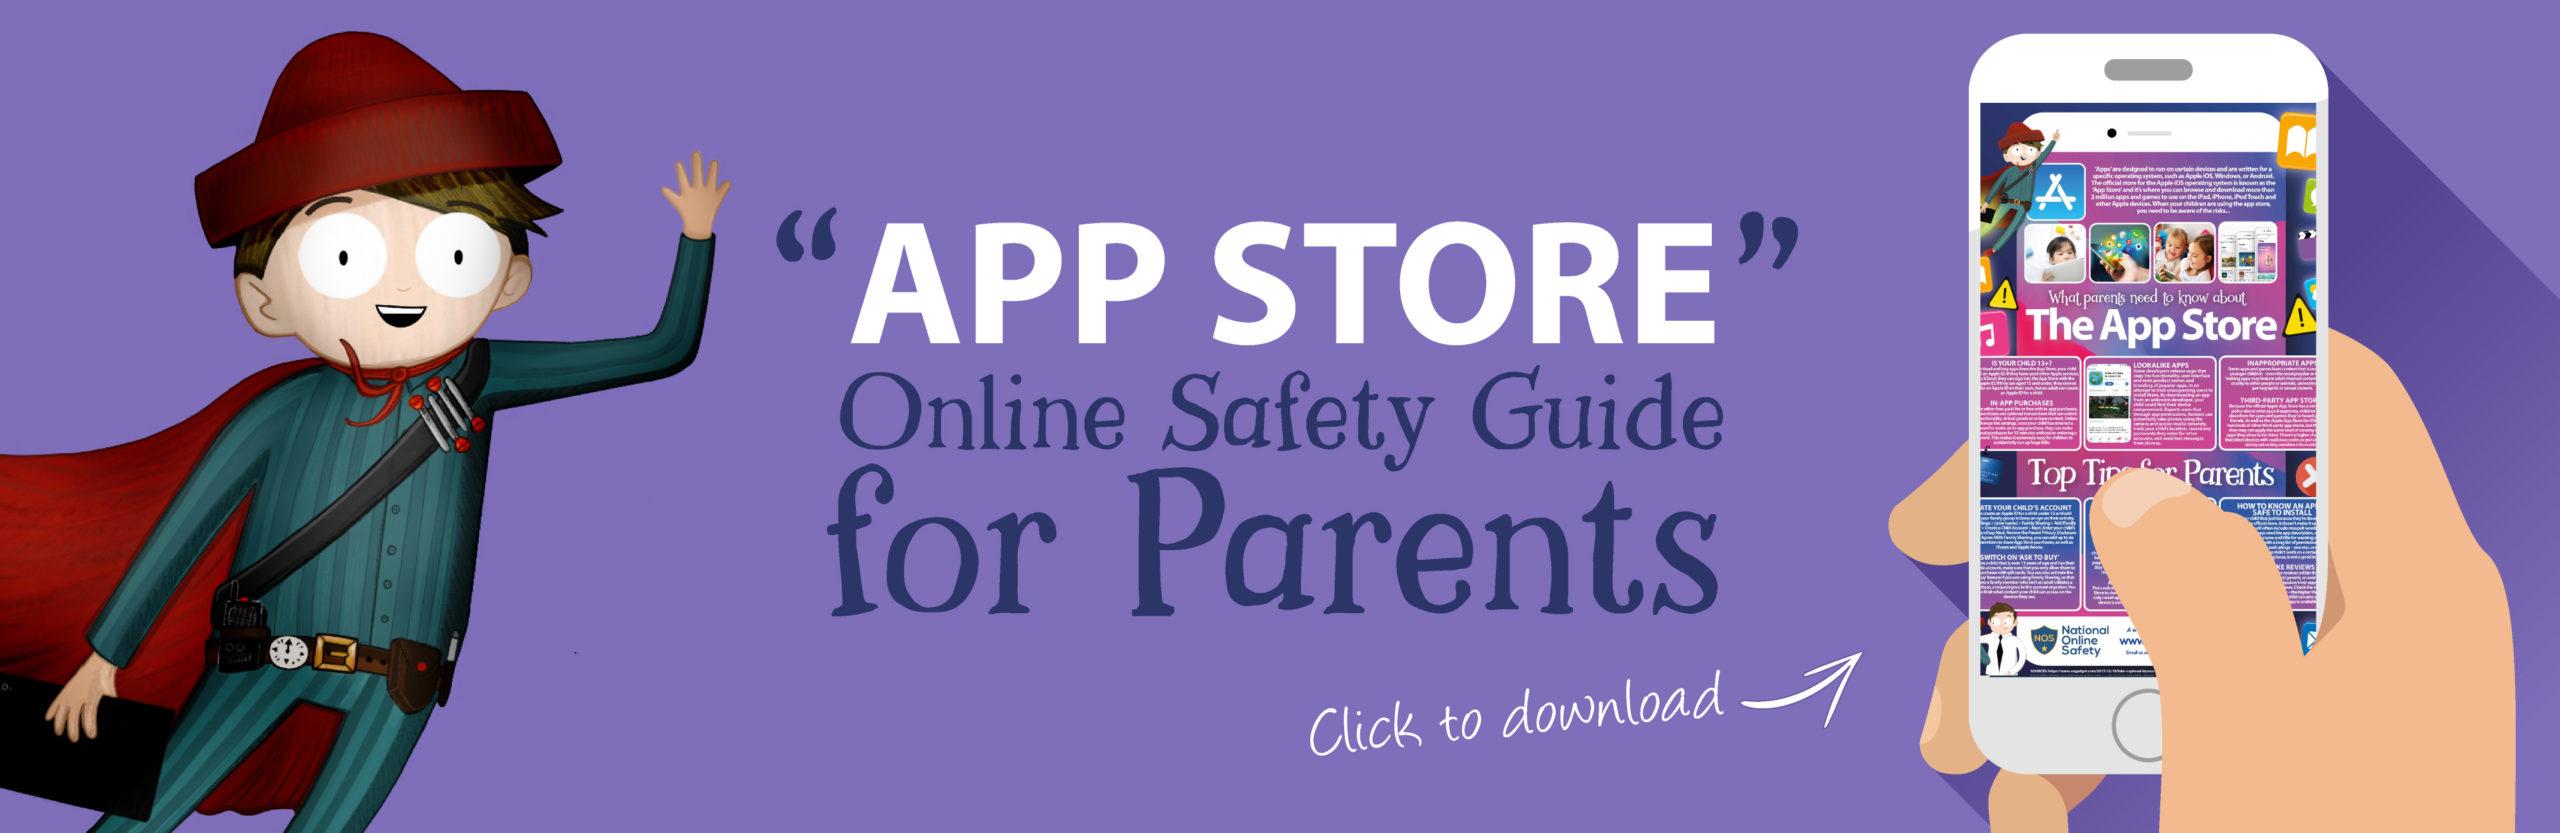 App-Store-Online-Safety-Parents-Guide-Web-Image-121118-v2